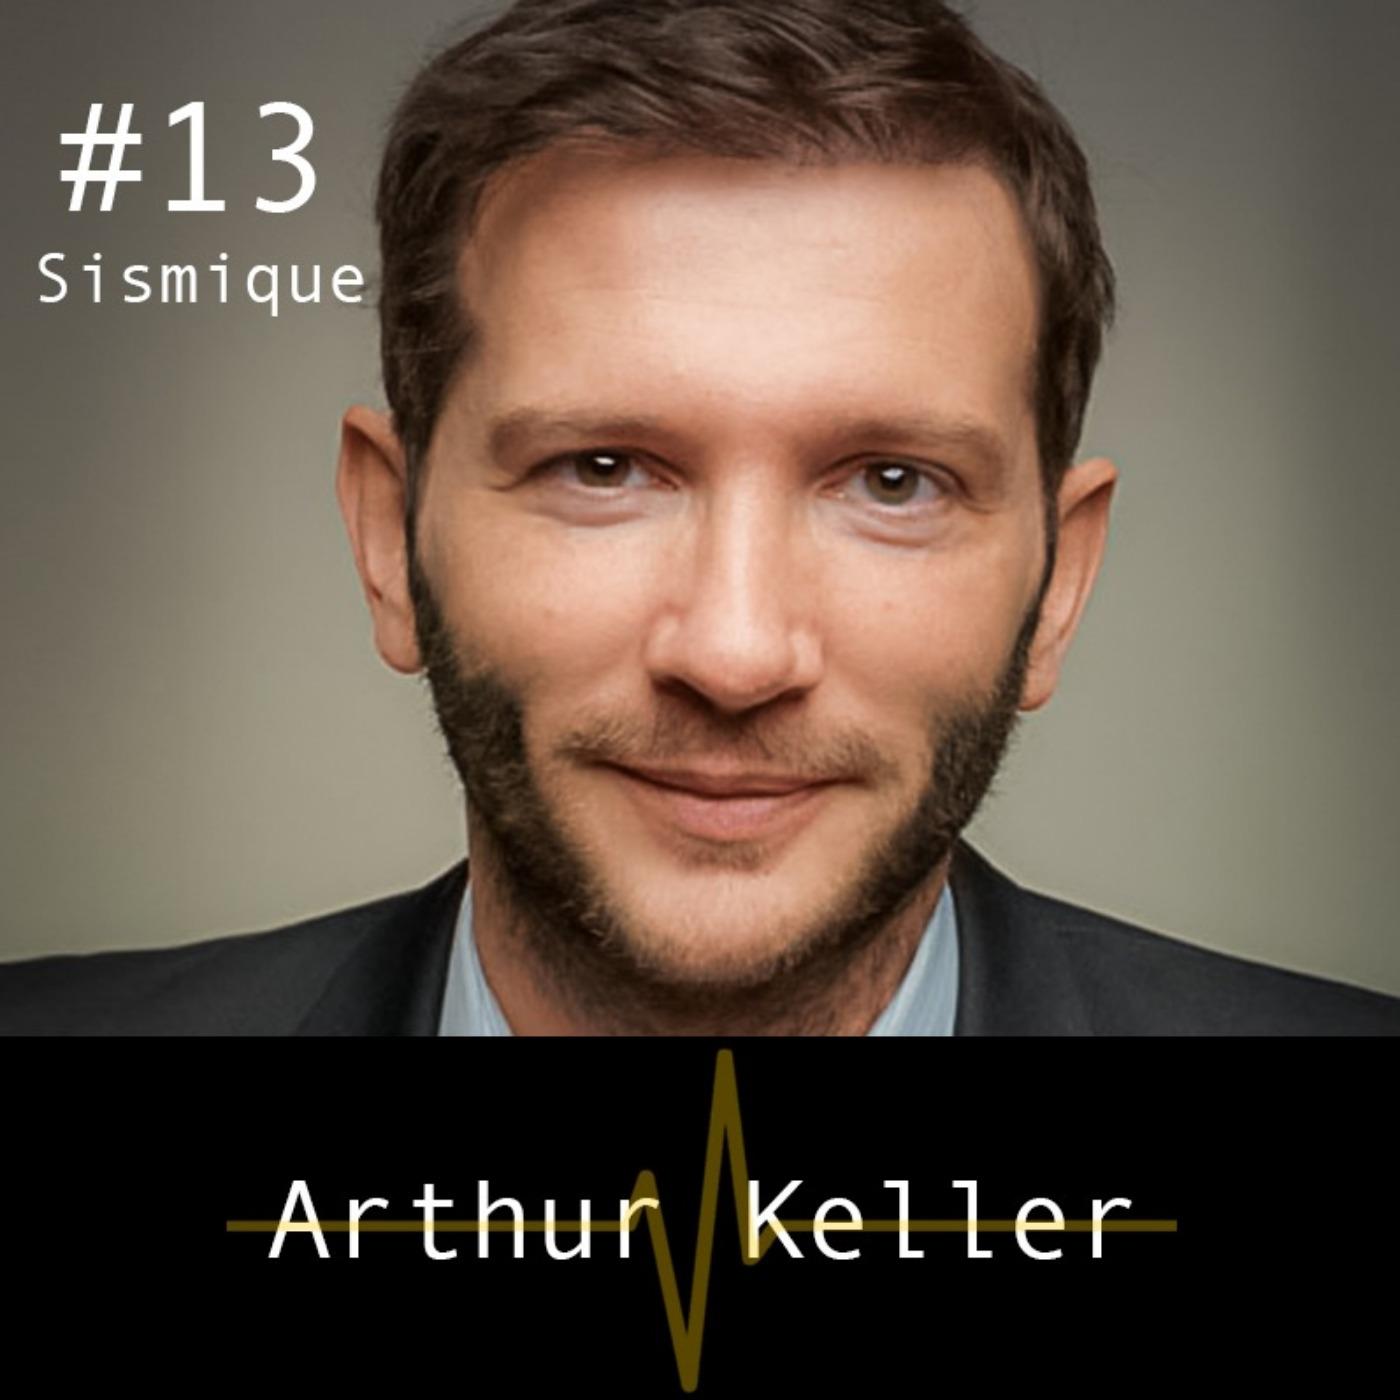 Déconstruire les faux espoirs pour en construire de nouveaux - Arthur Keller